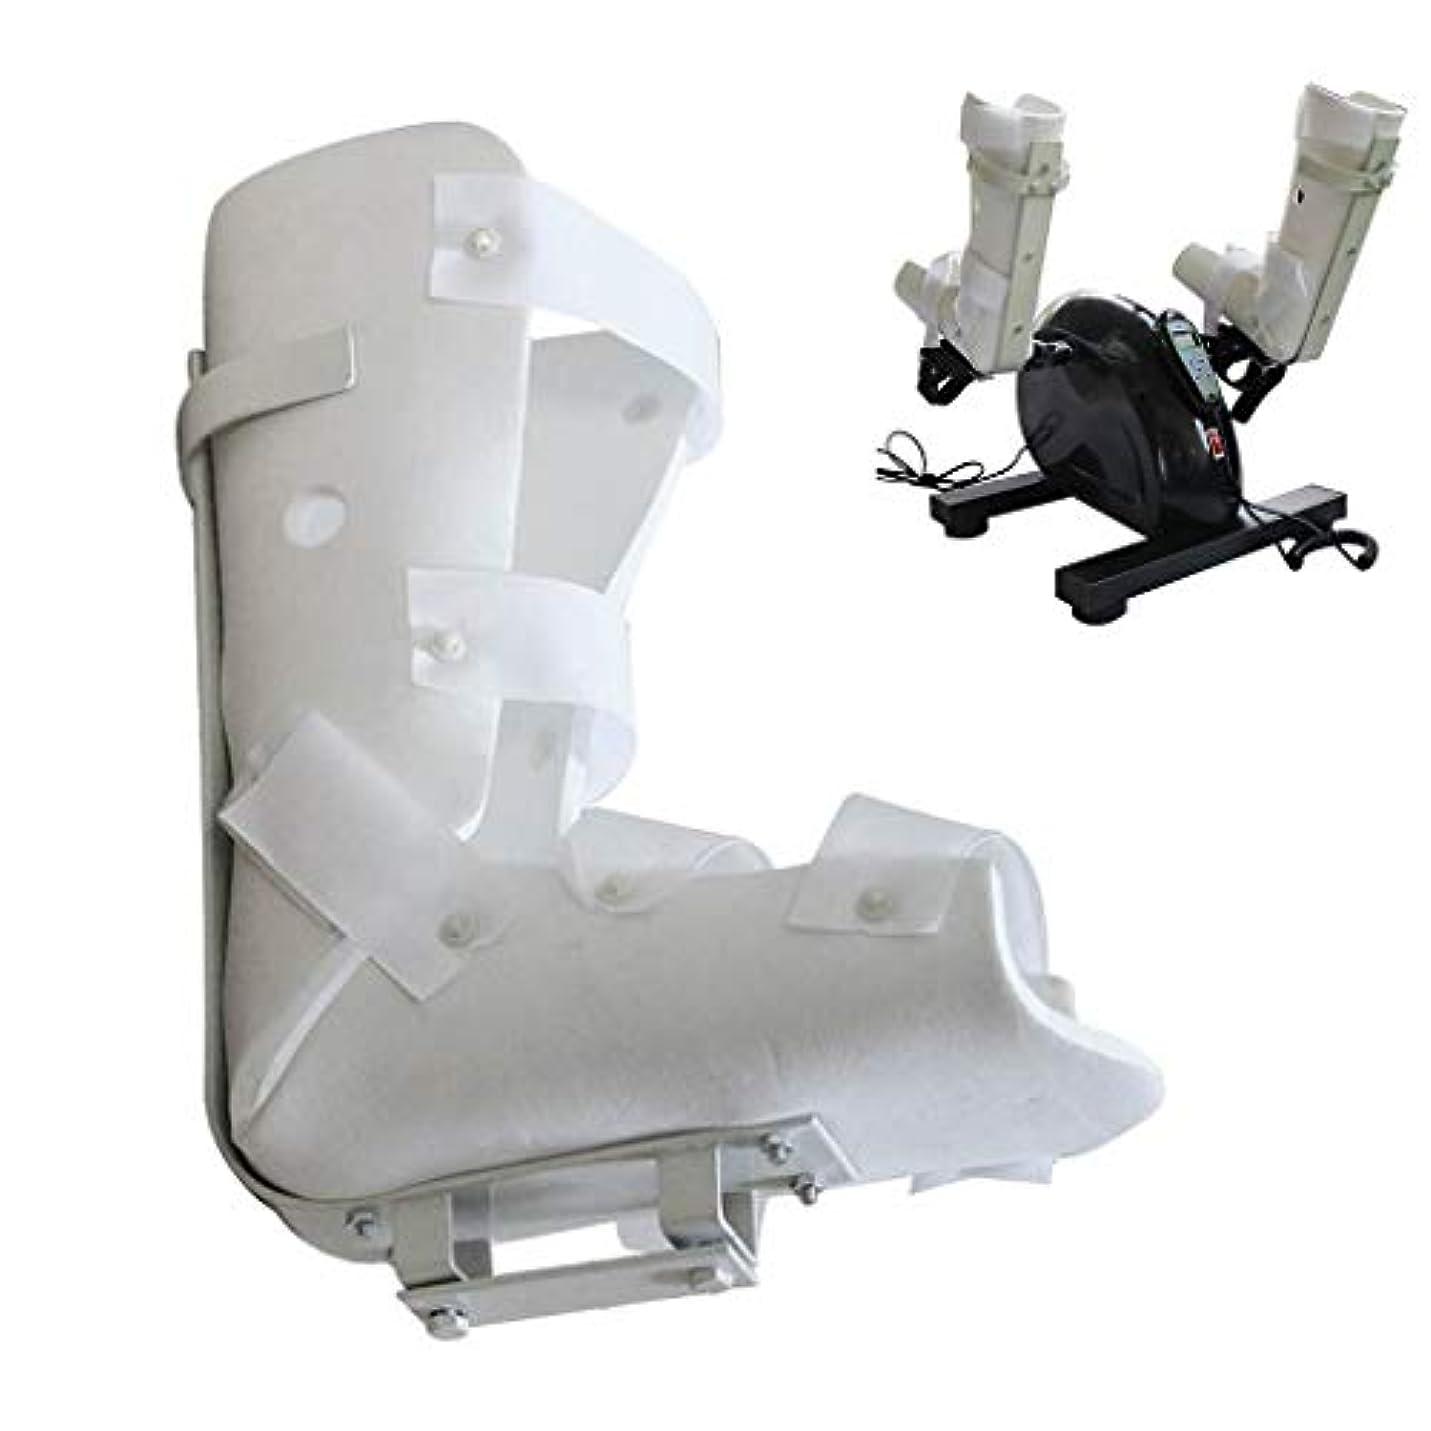 司書ダメージ凍った電子理学療法コンフォートソフトスプリント、ハンディキャップ障害者および脳卒中サバイバー、1ペア用のリハビリバイクペダル電動トレーナーの脚サポート